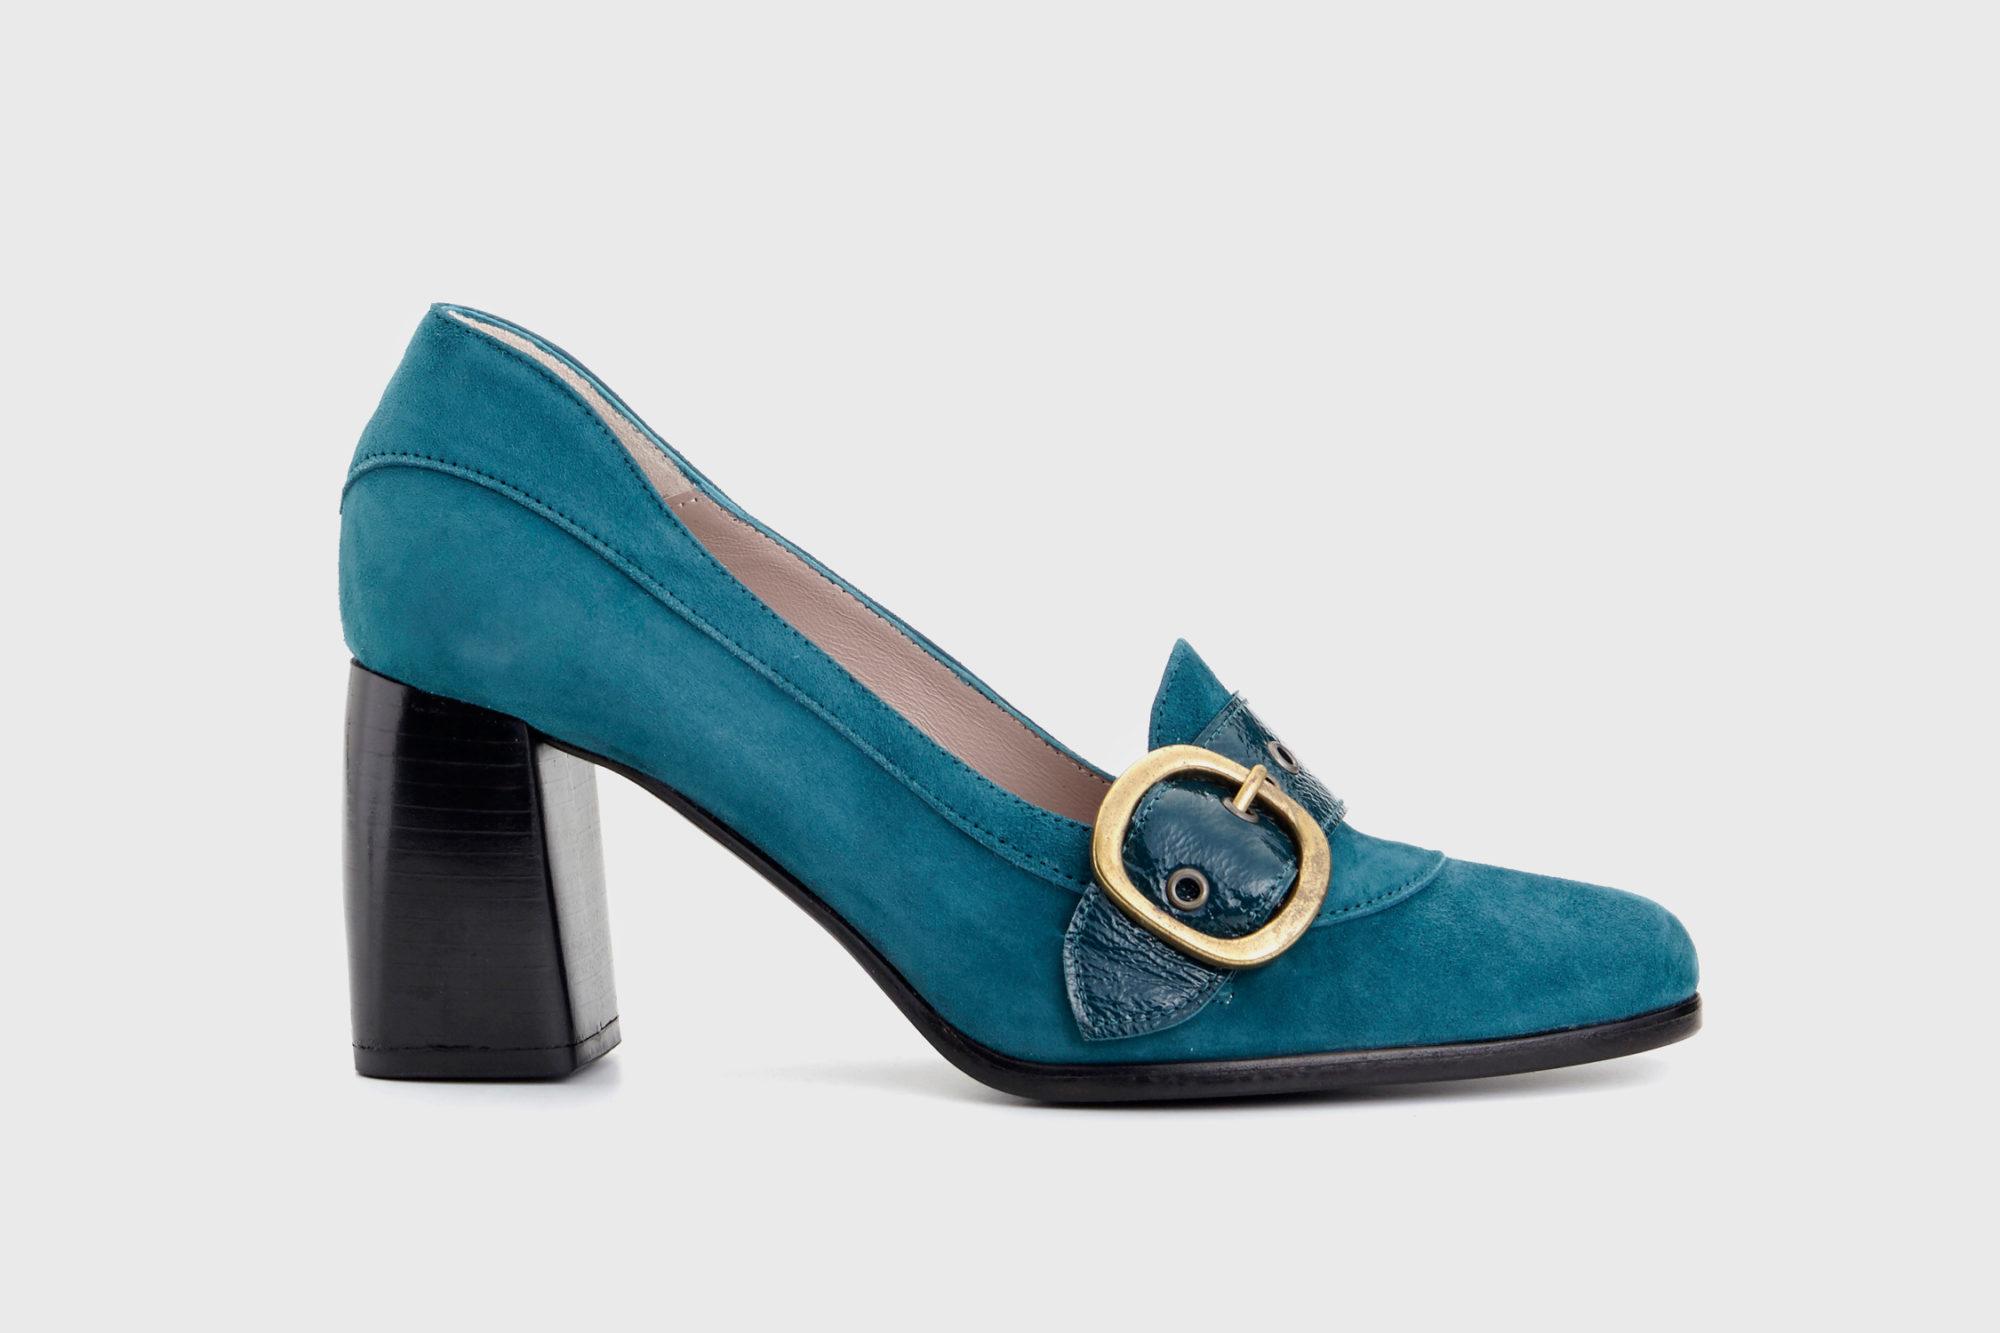 Dorotea zapato salón Juliette azul fw18 perfil